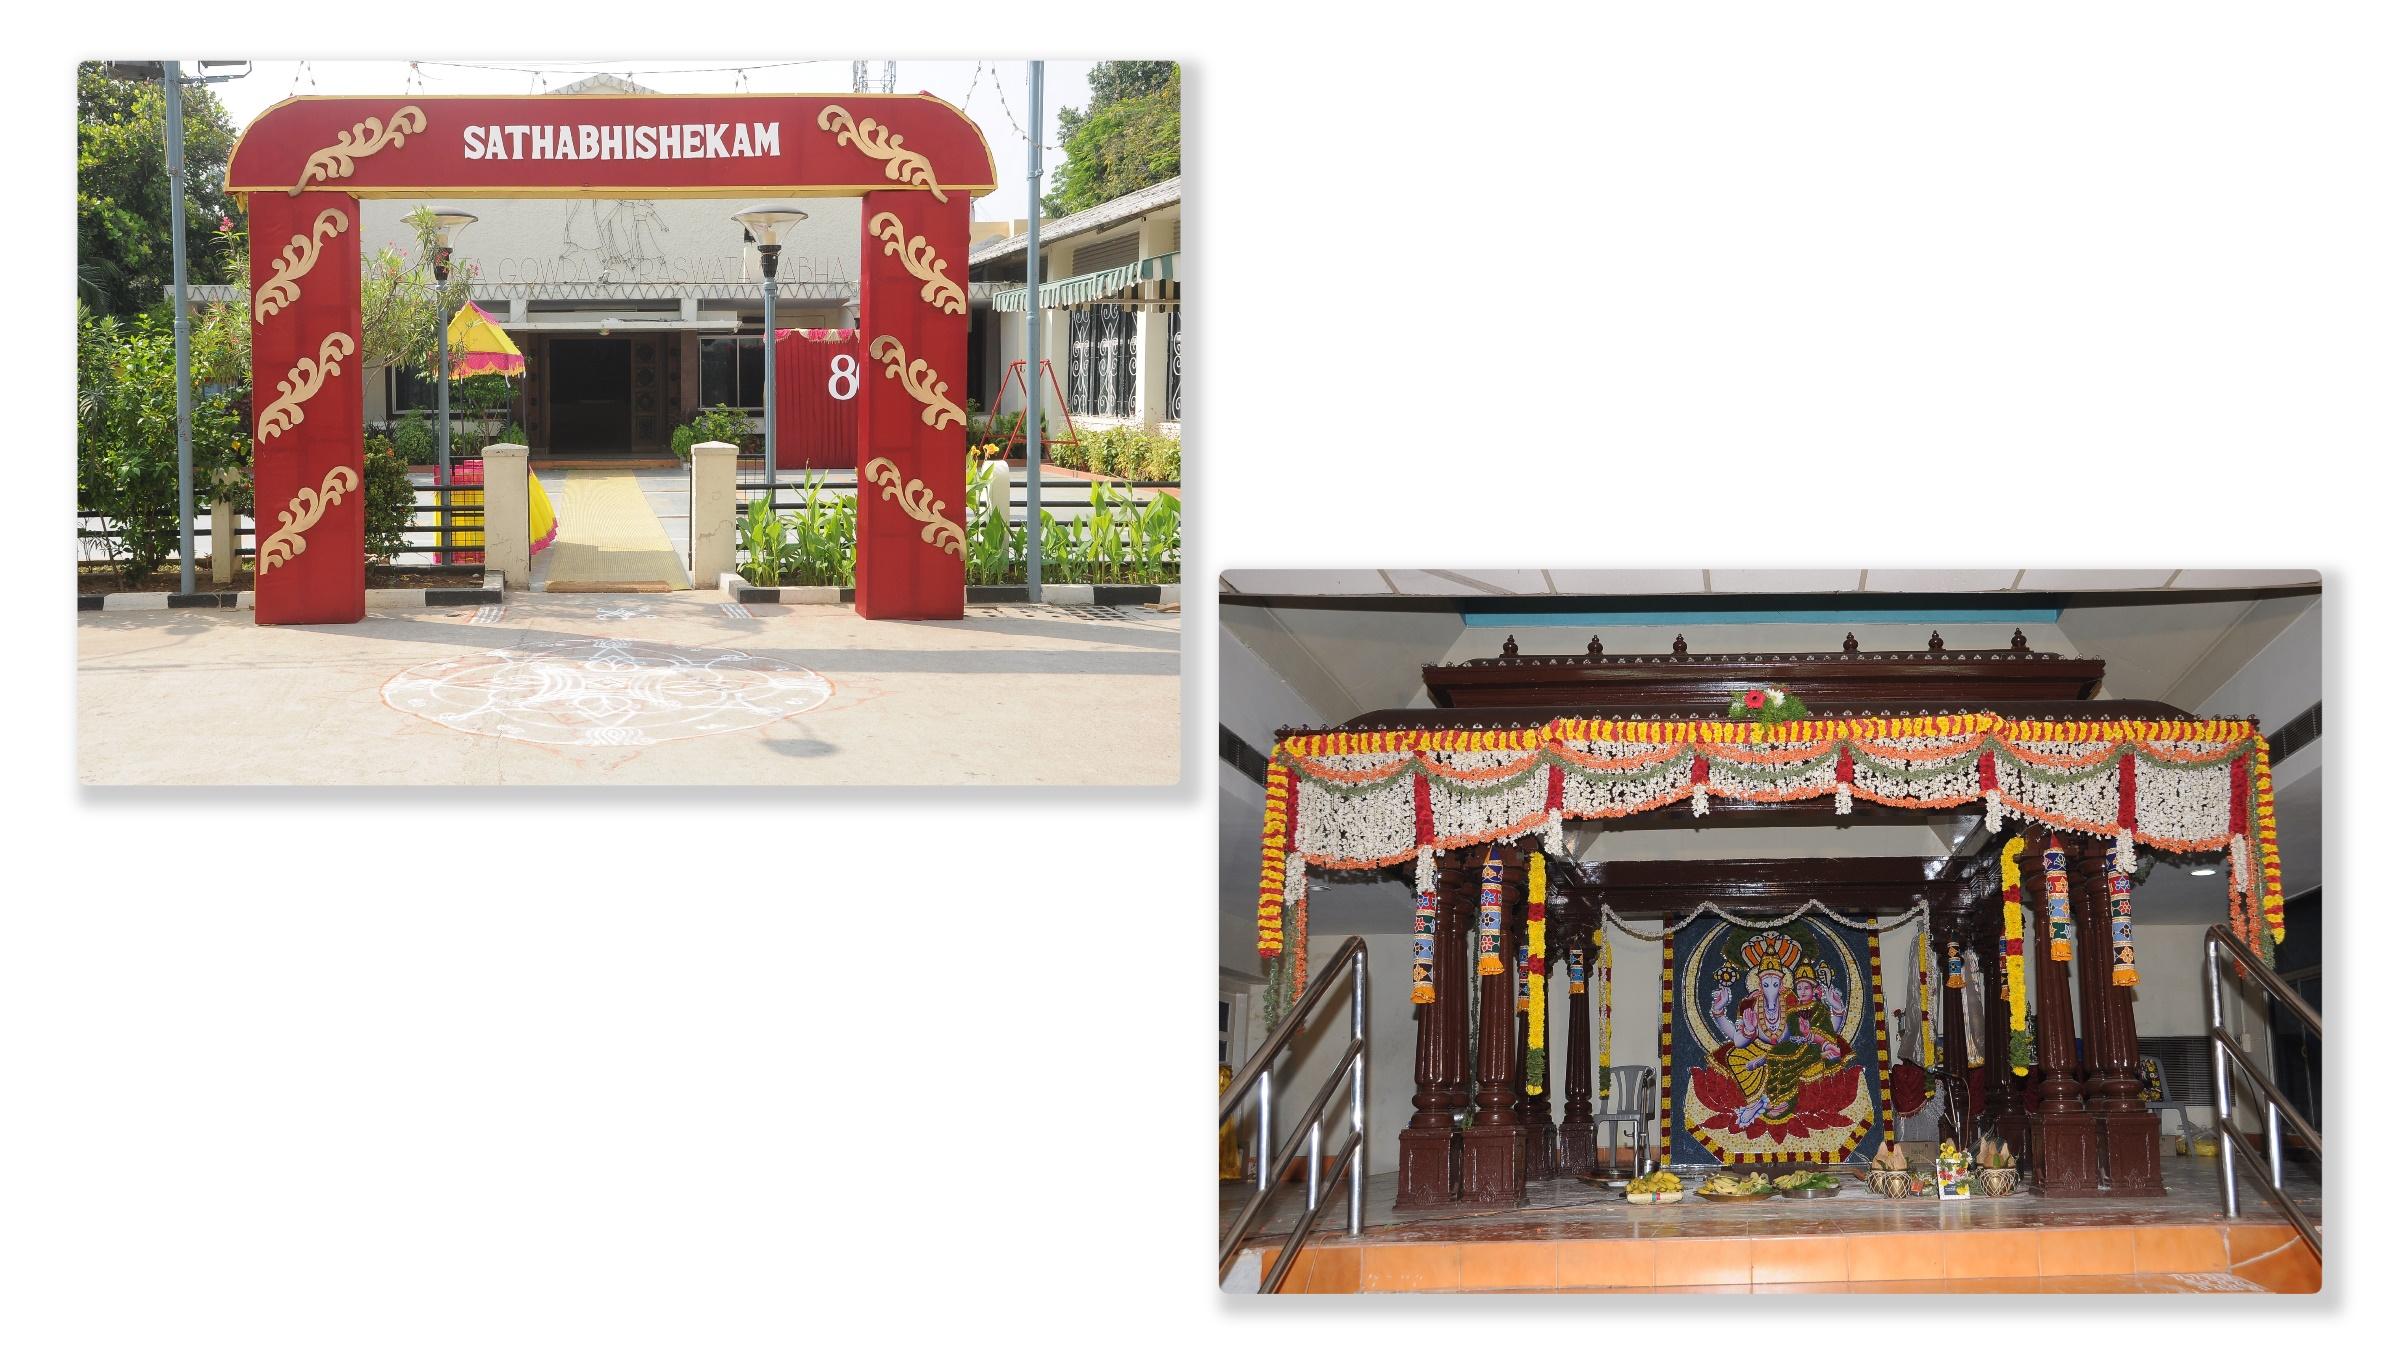 The significance of sathabhishekam